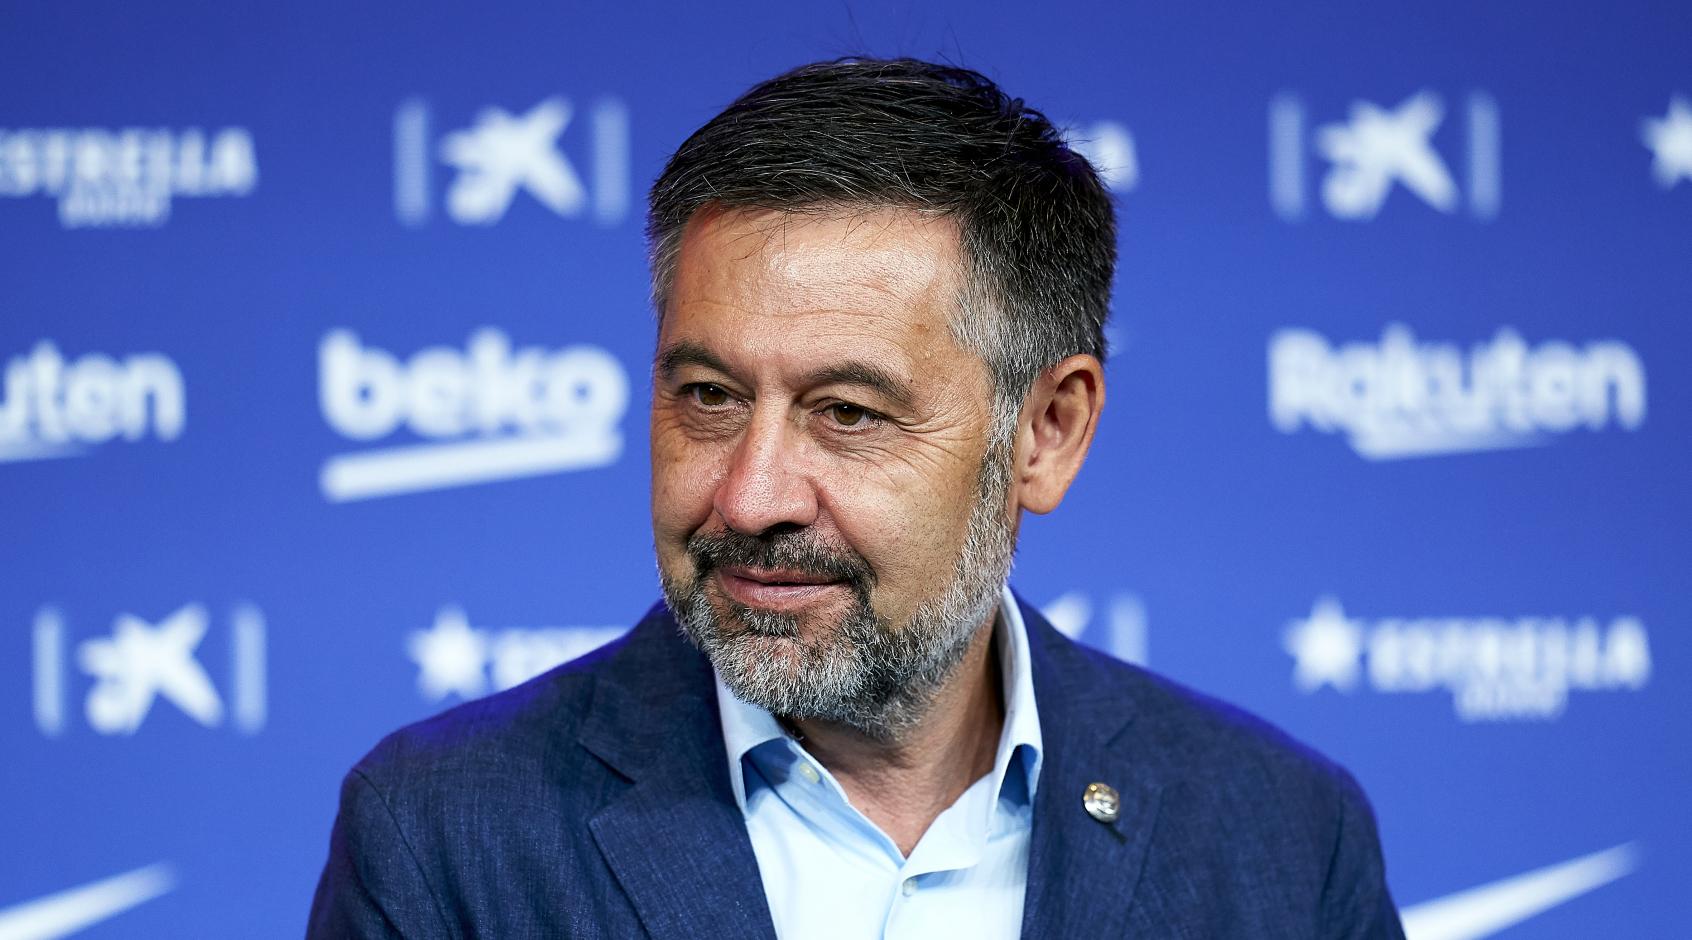 """Хосеп Мария Бартомеу: """"У меня и мыслей не было о том, чтобы подавать в отставку"""""""